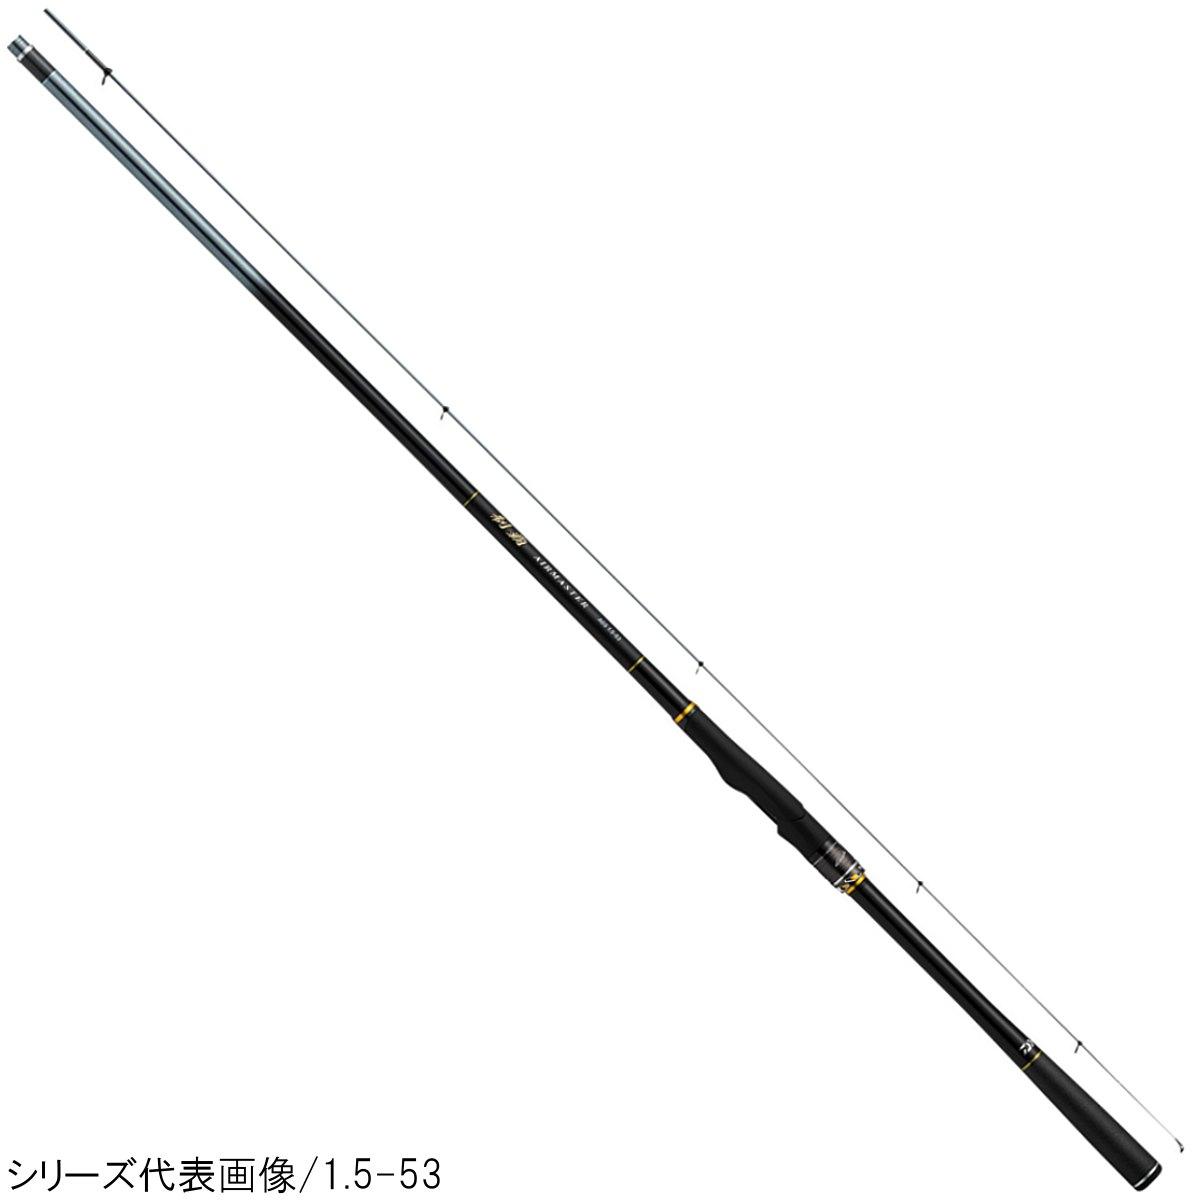 ダイワ 制覇エアマスター AGS 1.5-50(東日本店)